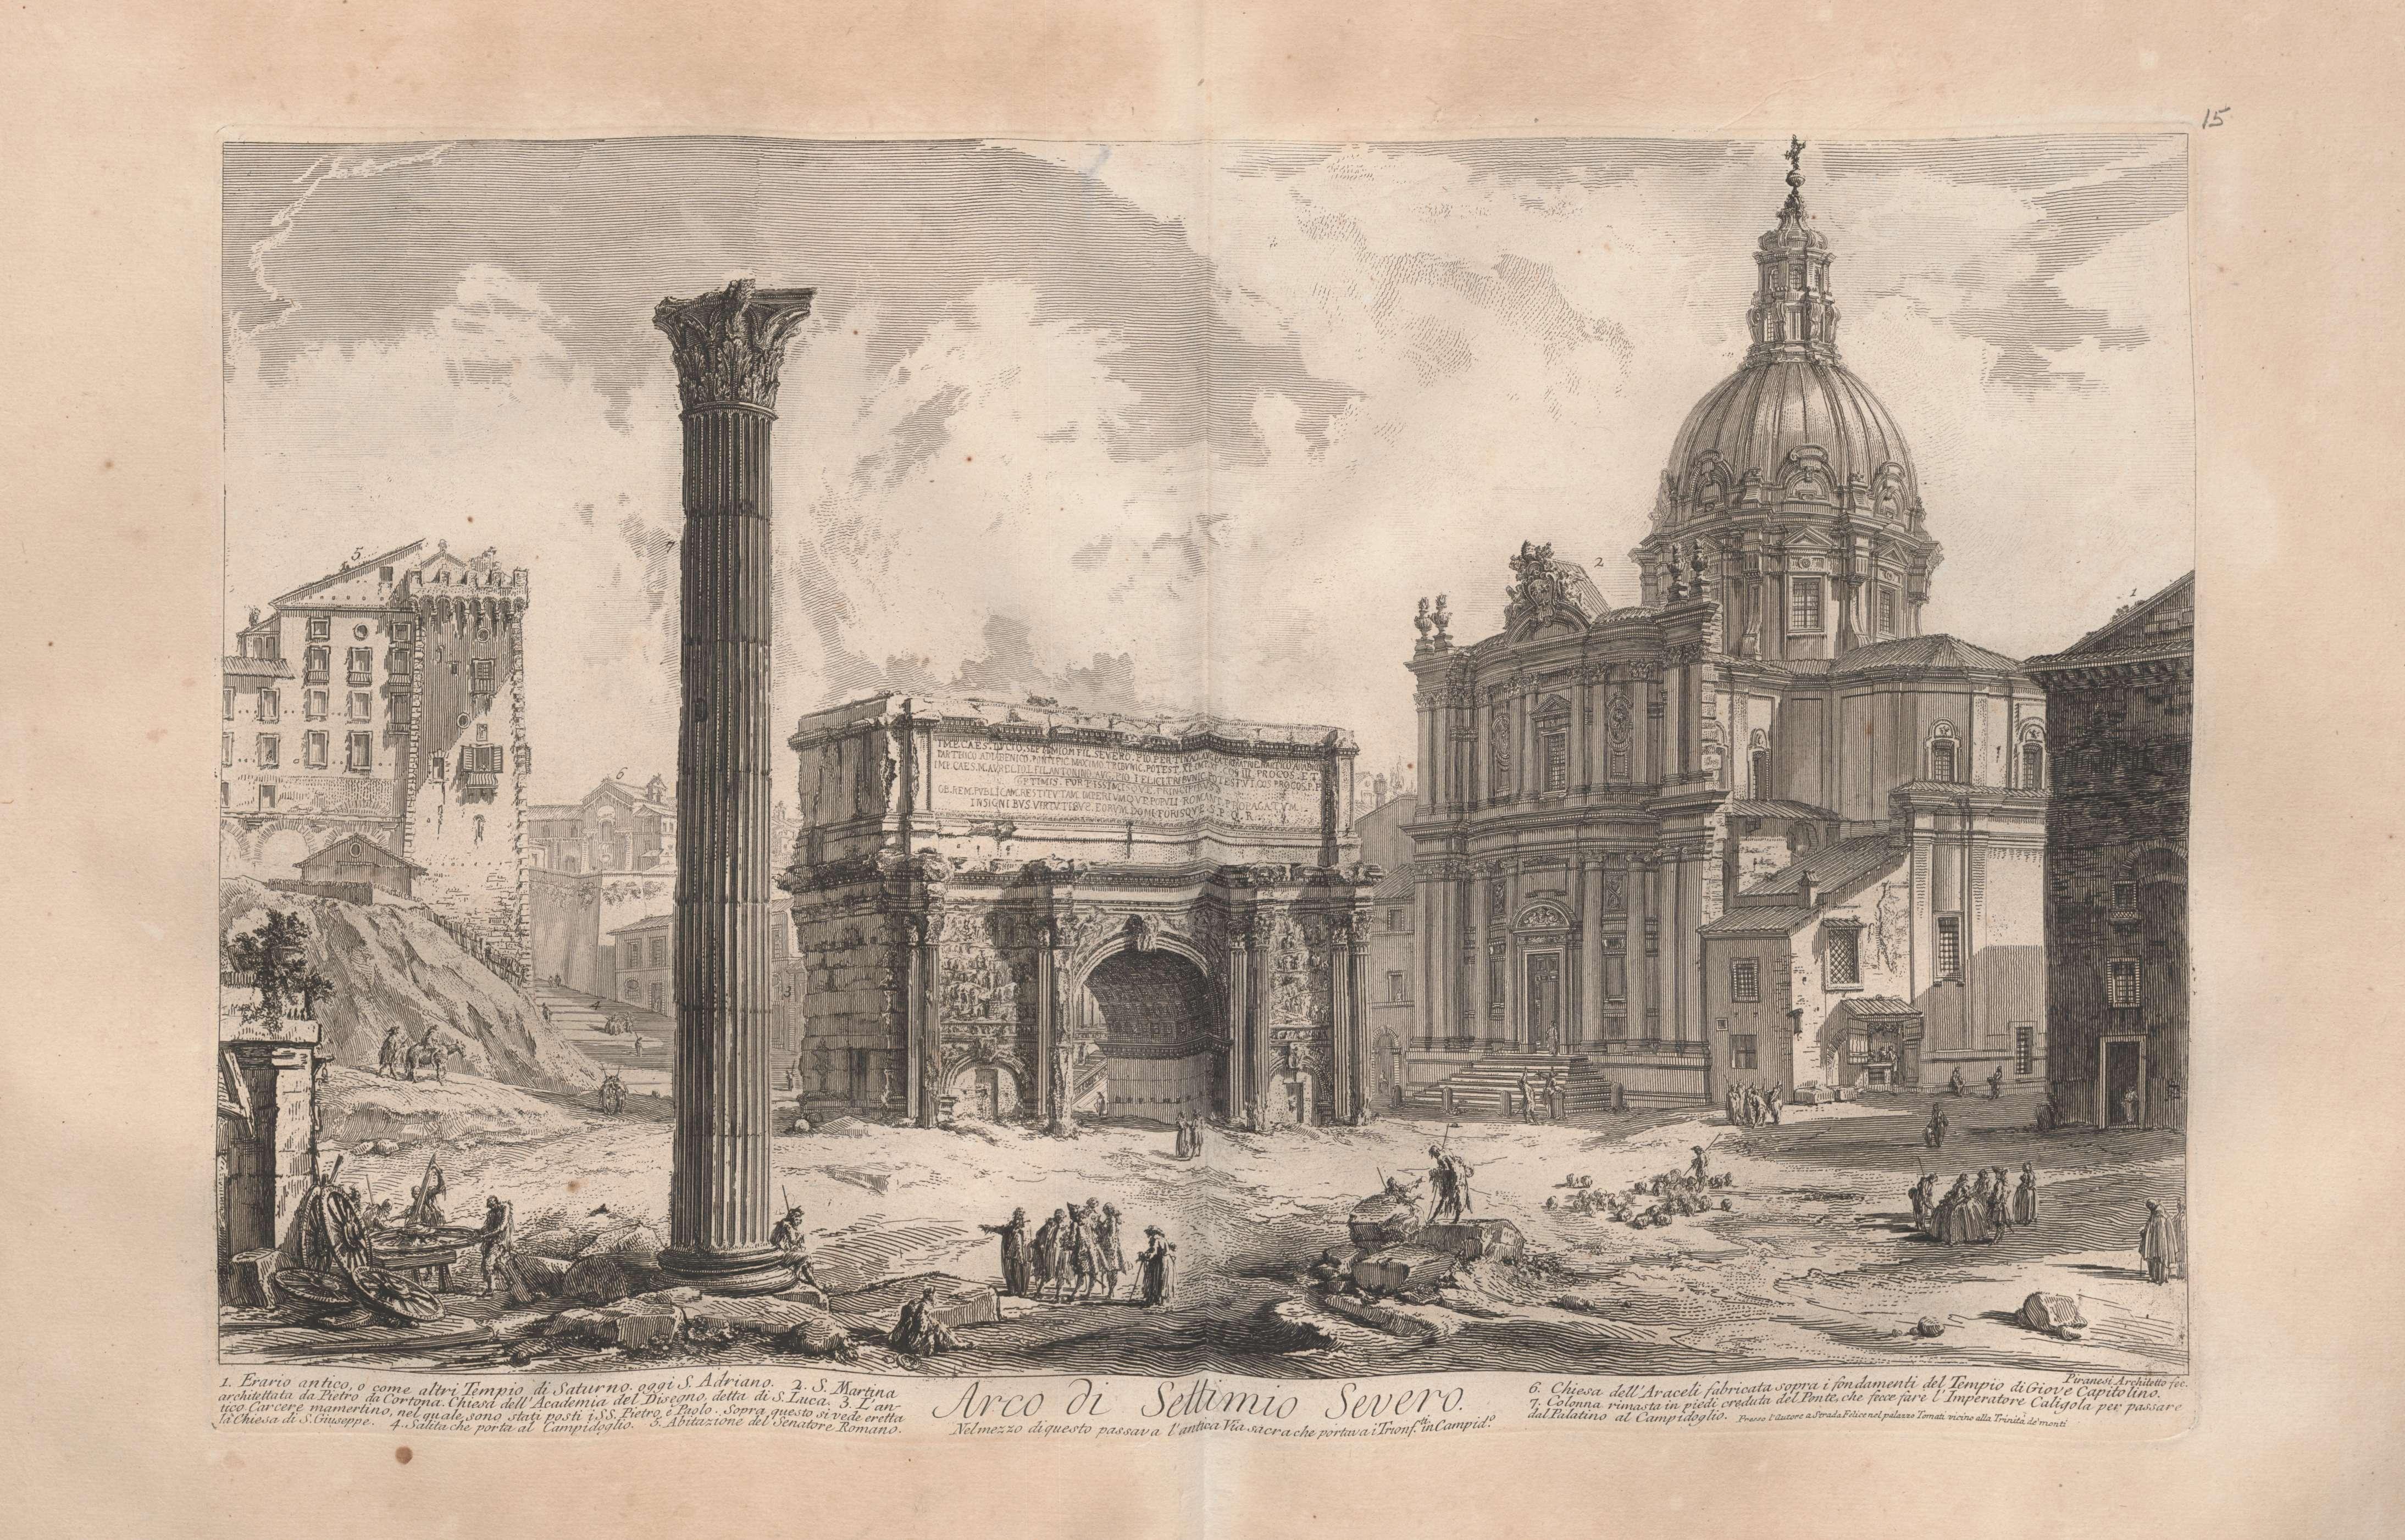 Arco Per Porta arco di settimio severo, from views of rome (vol 17, image 97)